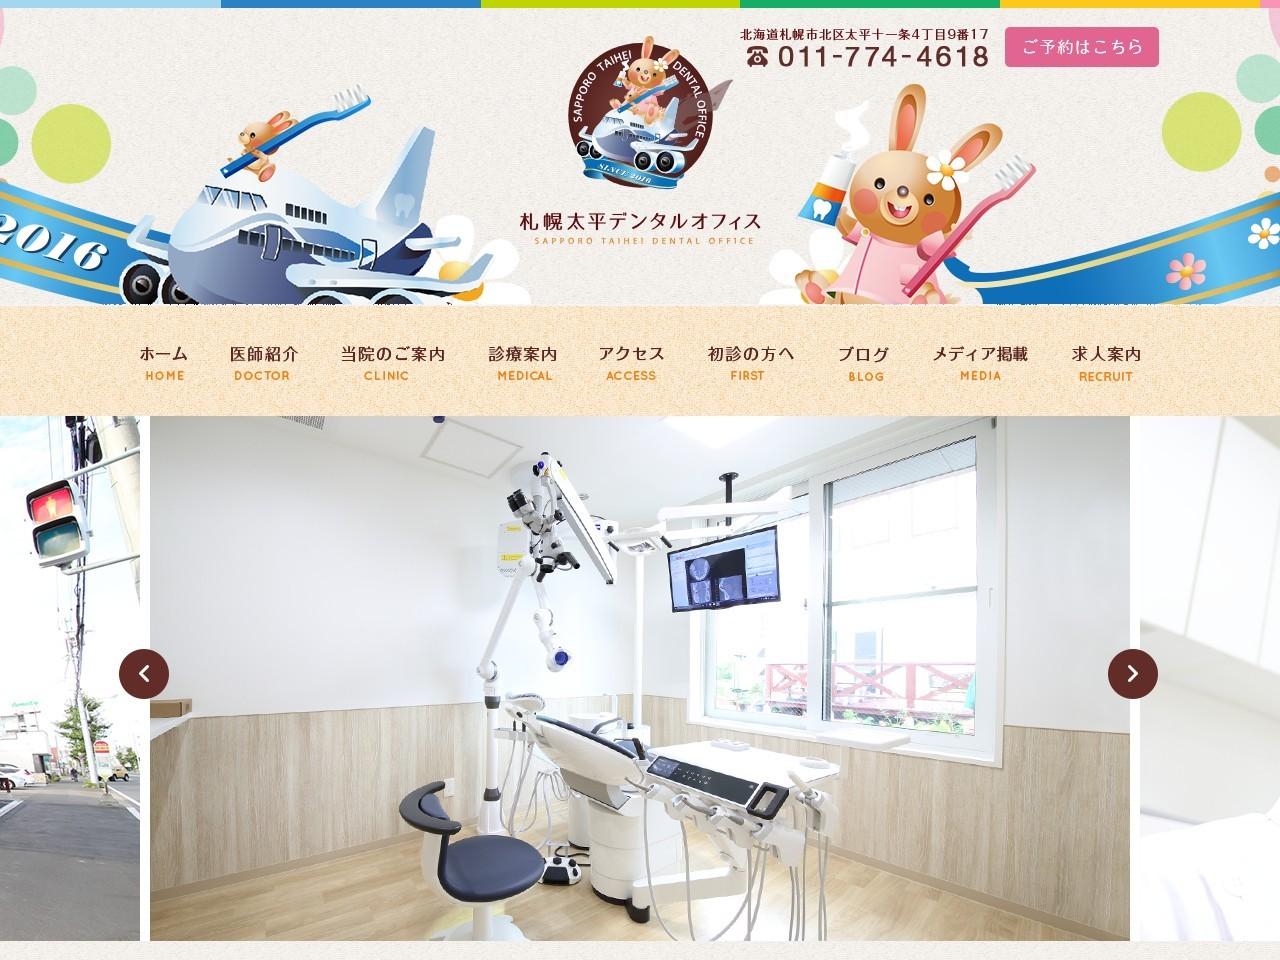 札幌太平デンタルオフィス (北海道札幌市北区)